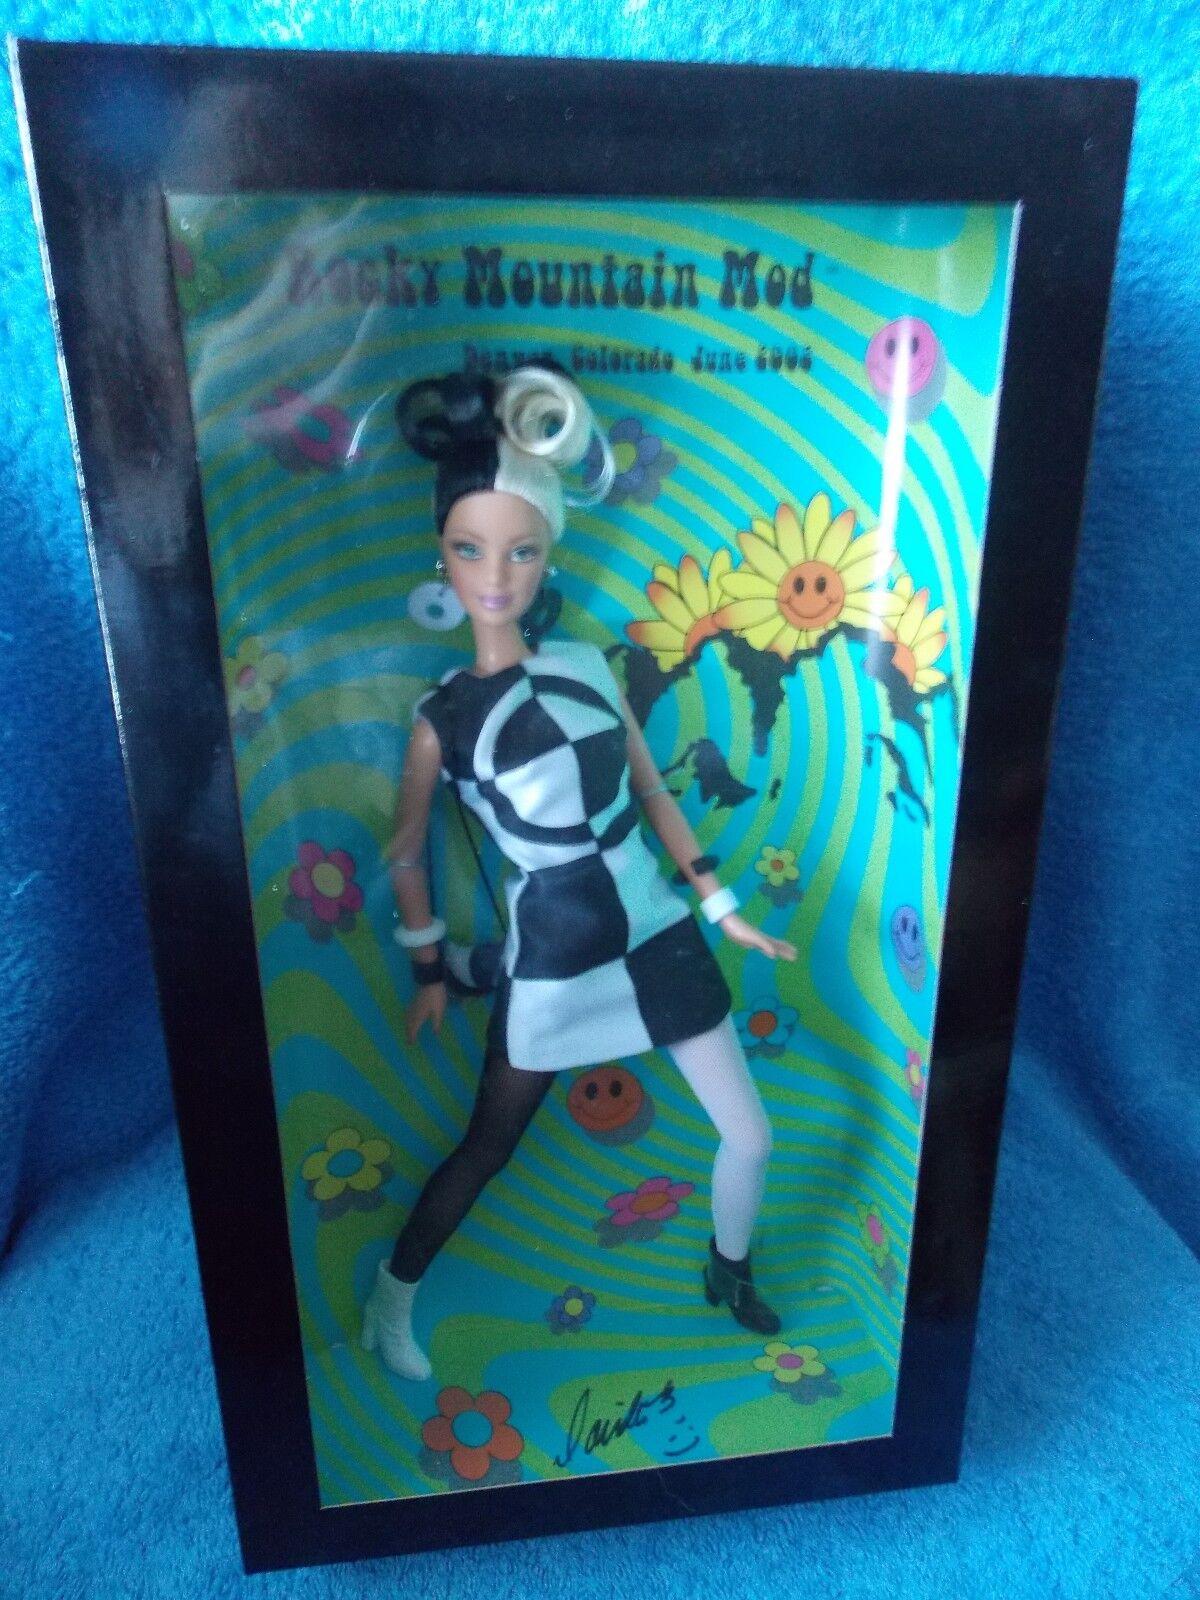 2002 Muñeca Barbie Muñeca convención Mod convenio firmado